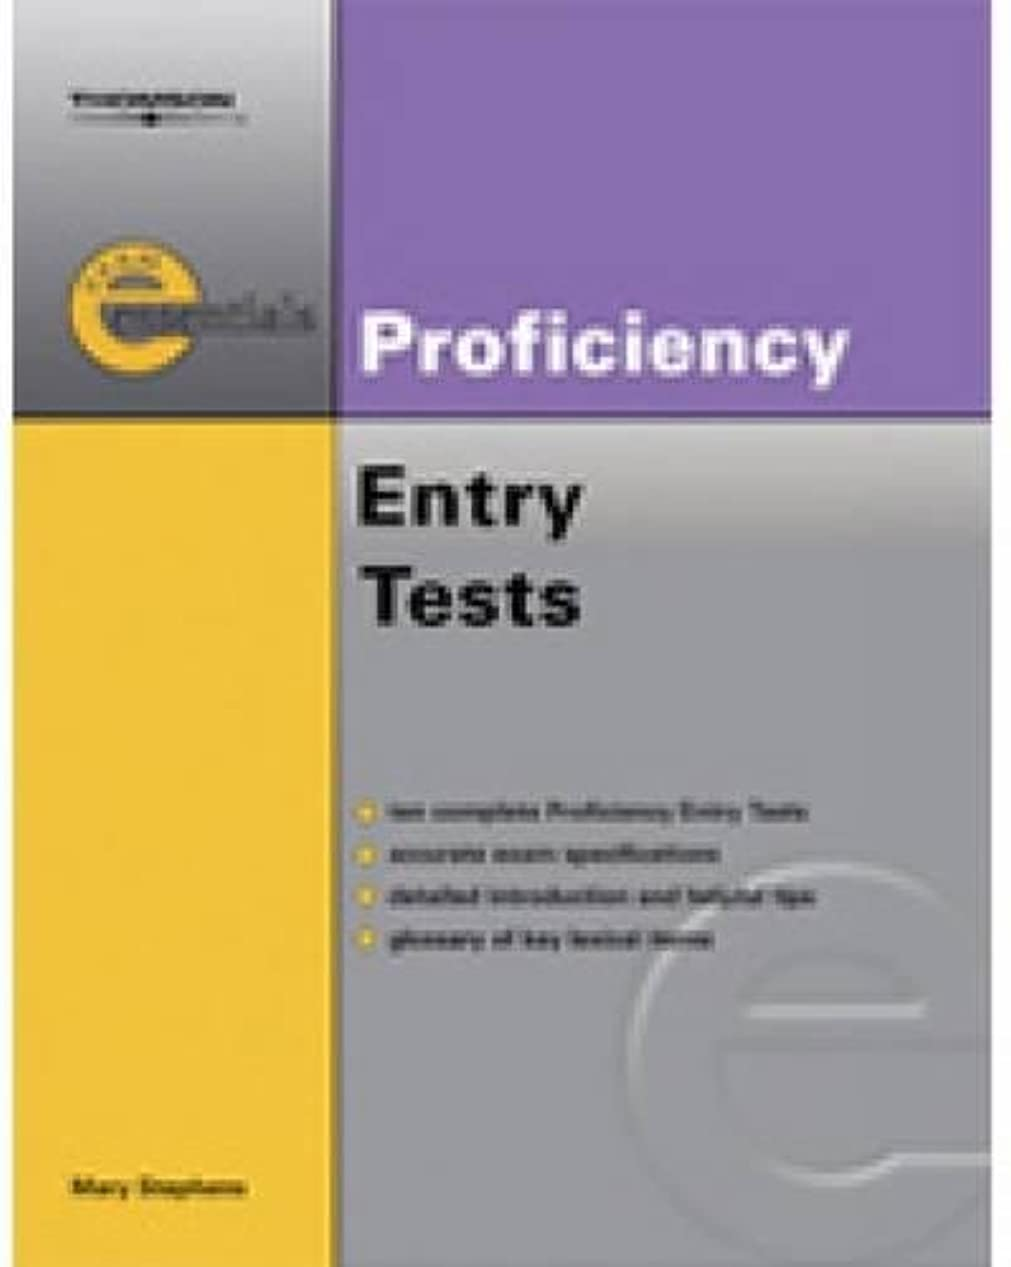 テレックスキャッチ教えるProficiency Entry Test: Cpe Entry Test (Thomson Exam Essentials)